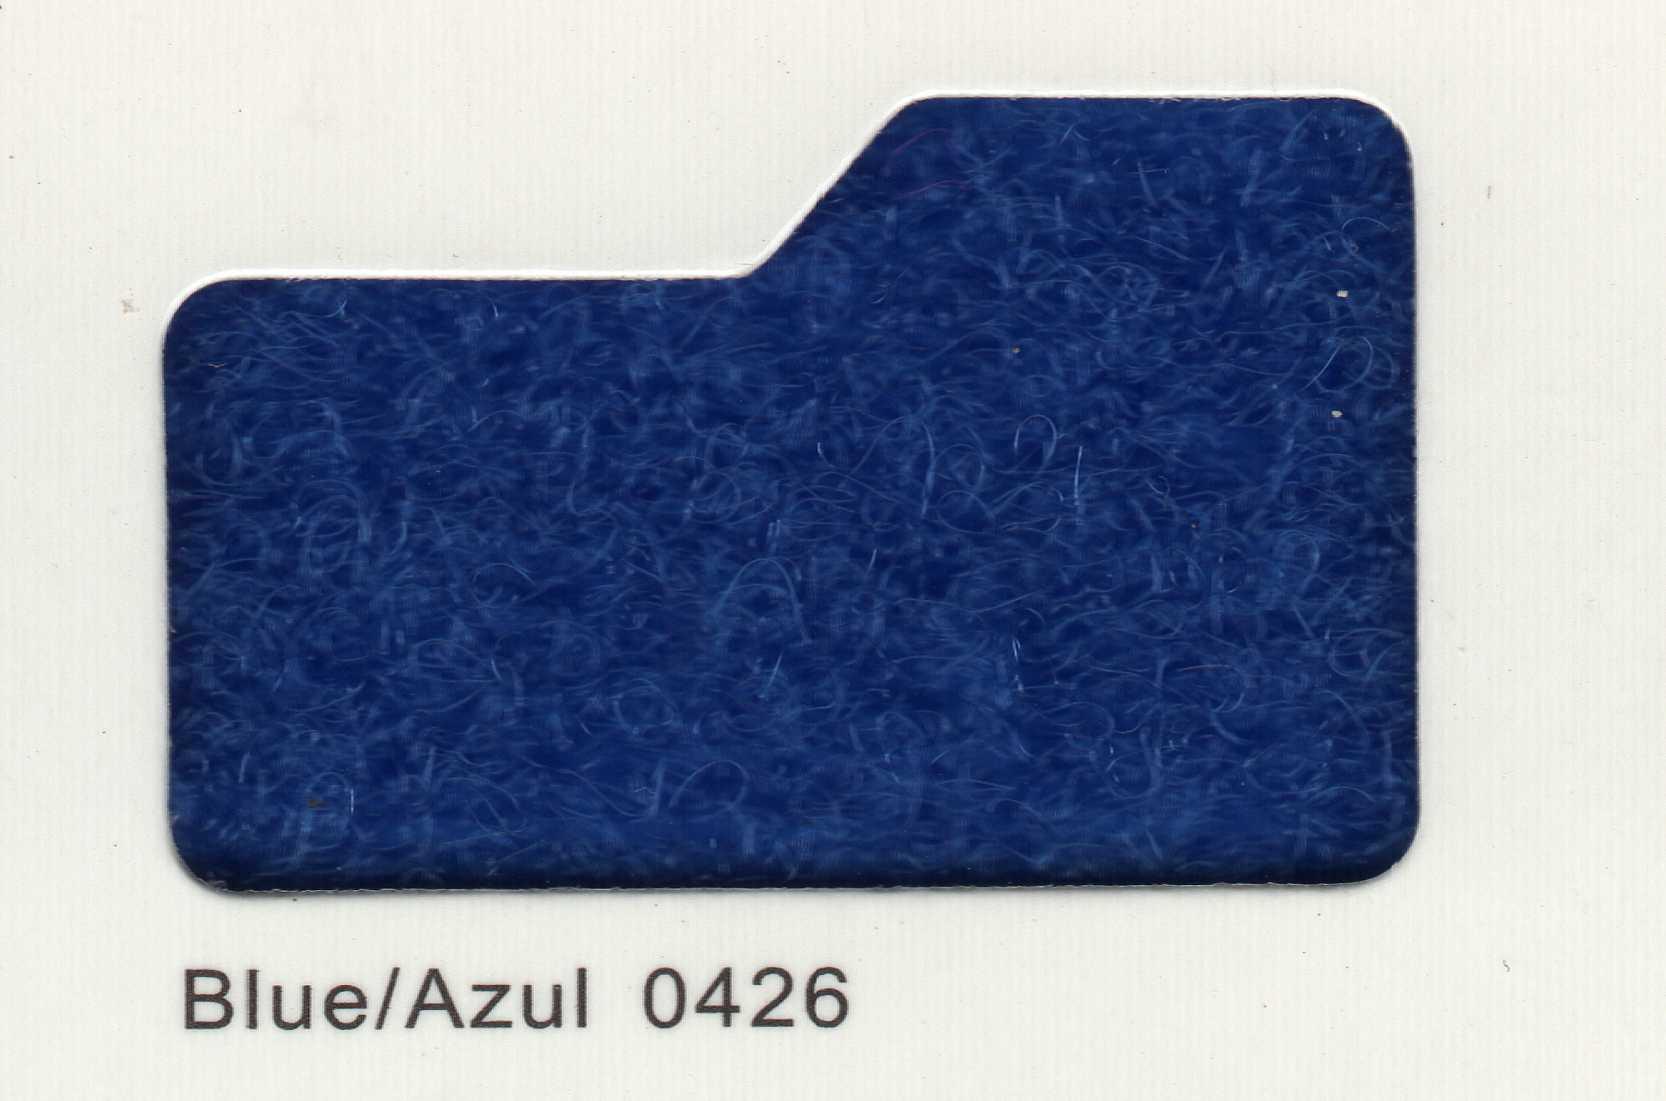 Cinta de cierre Velcro-Veraco 100mm Azul 0426 (Rizo).